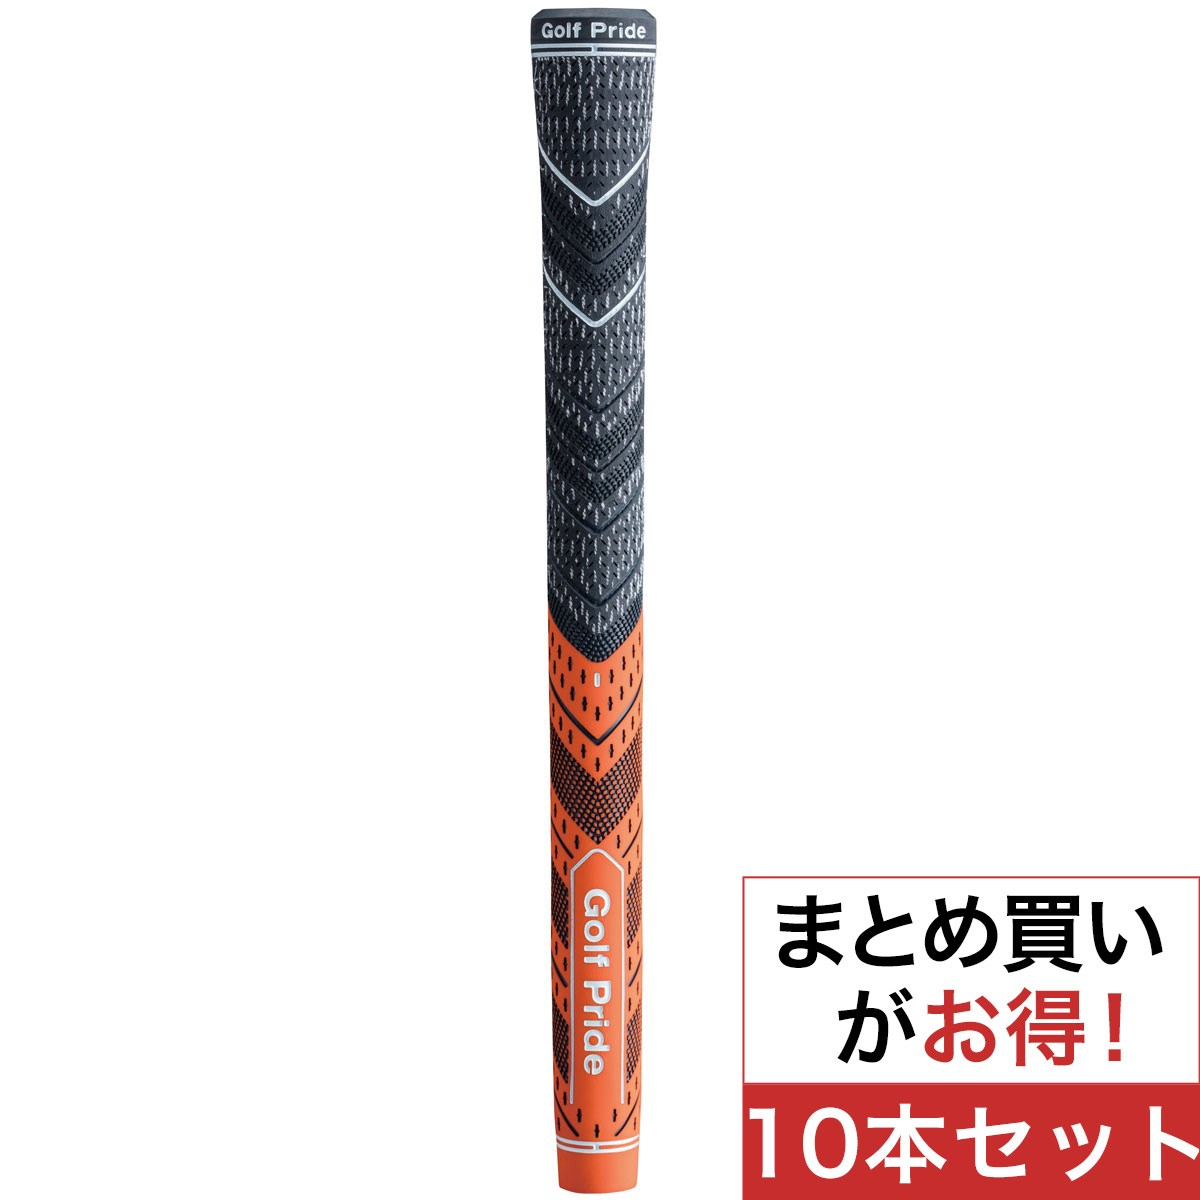 ゴルフプライド MCCプラス4 グリップ 10本セット